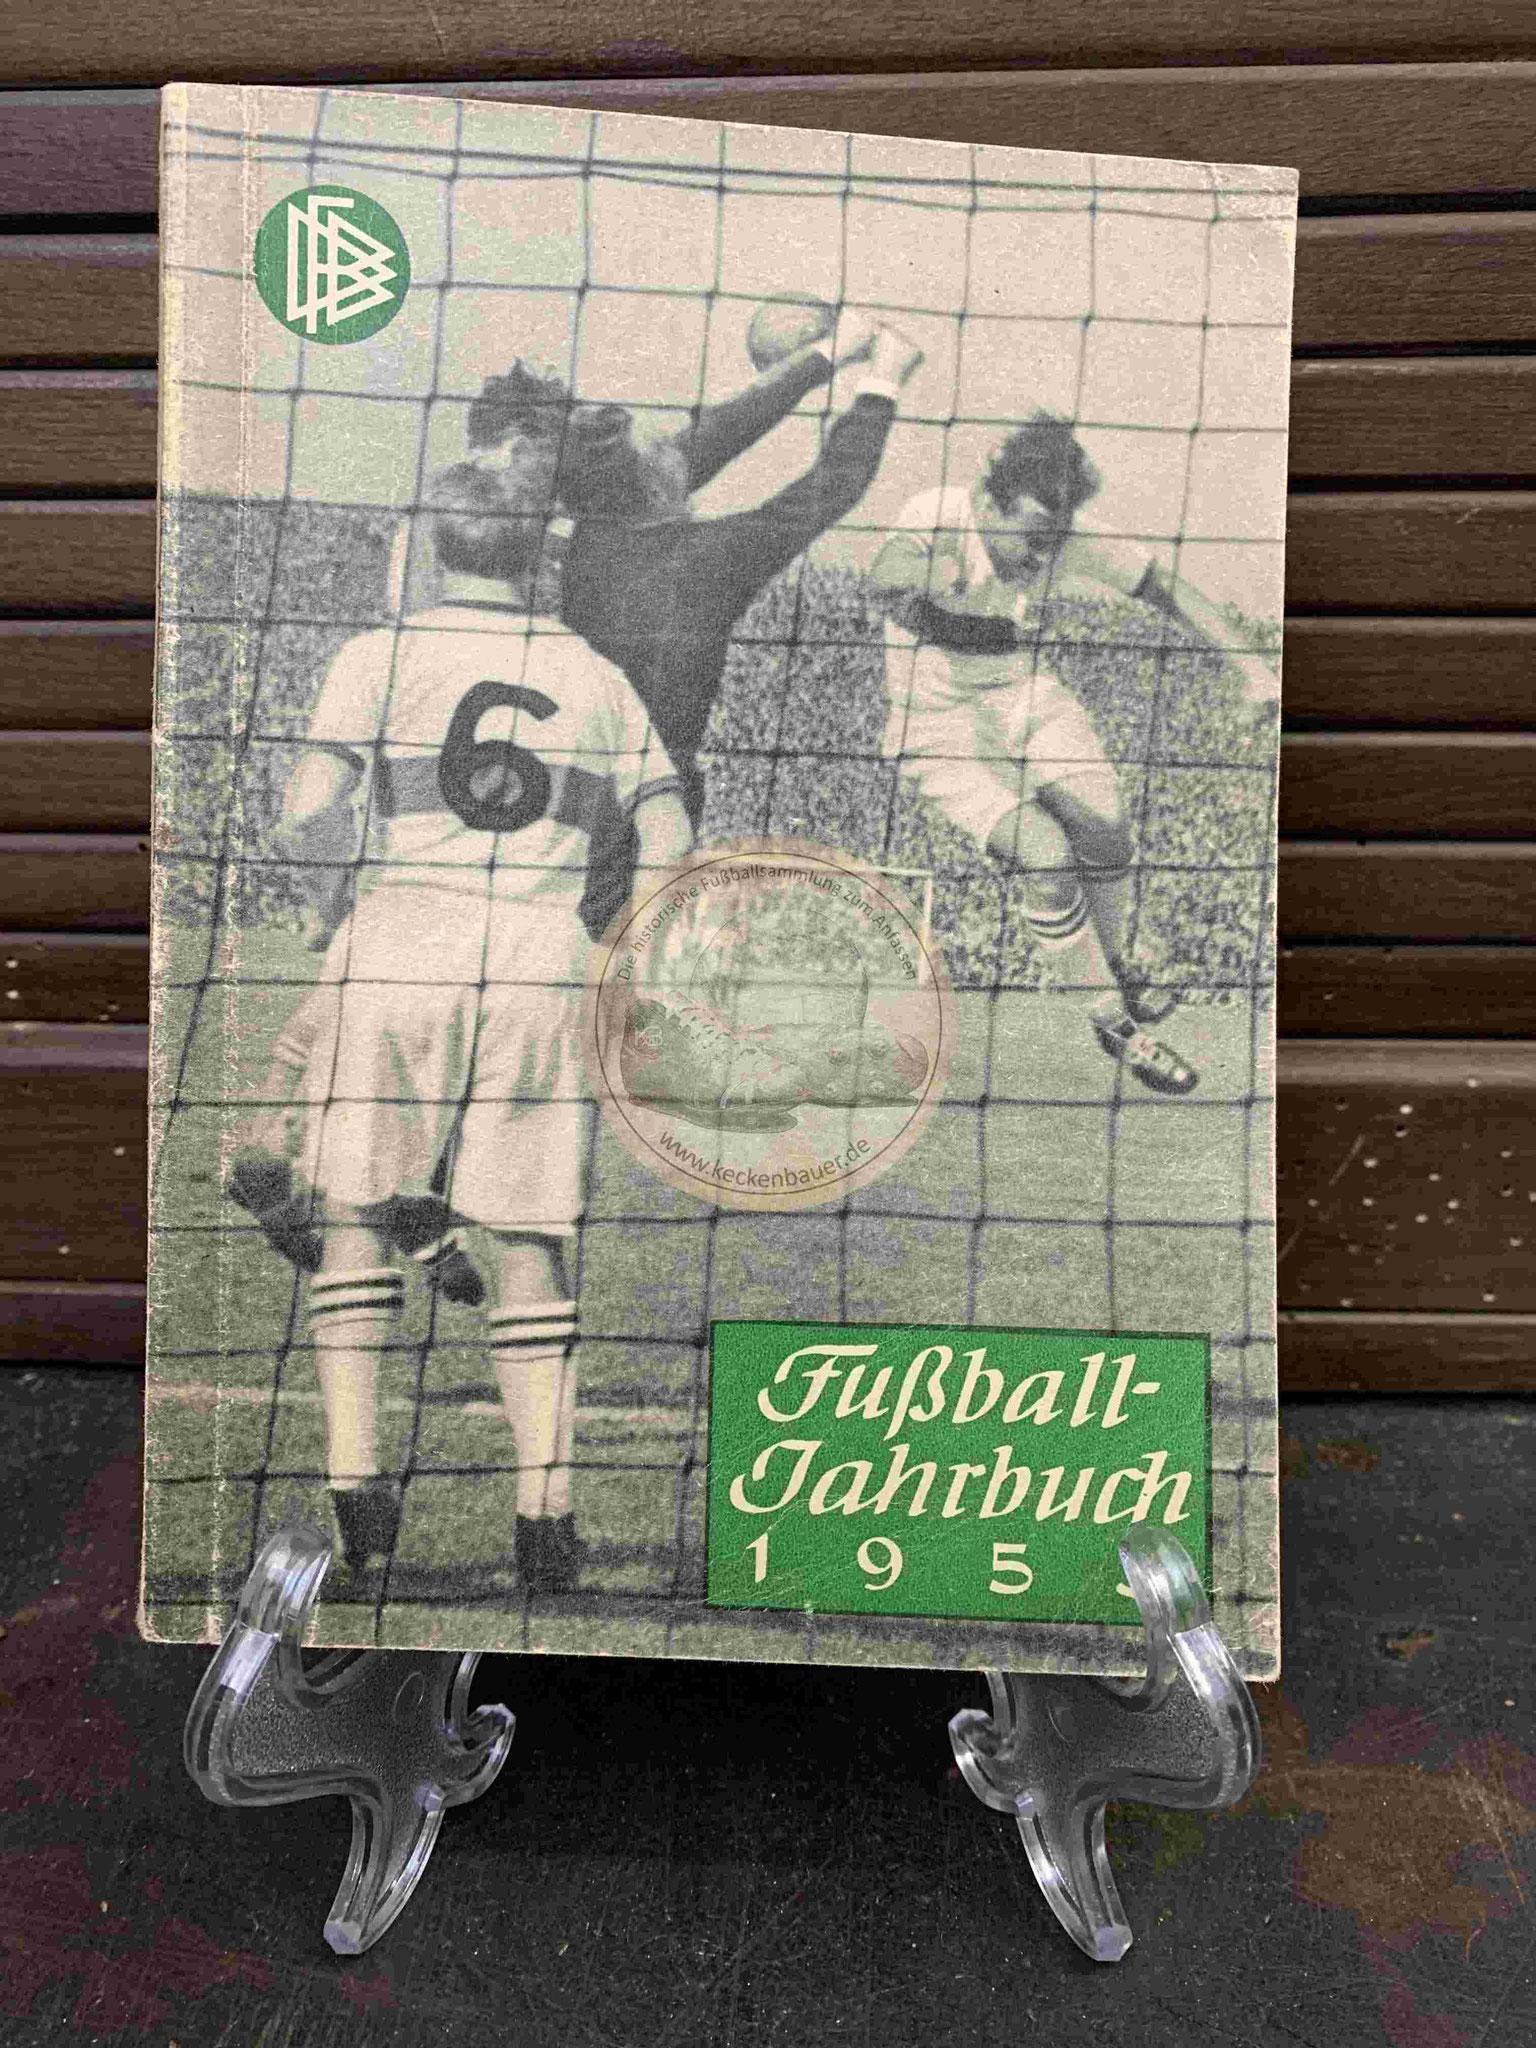 Fußball Jahrbuch herausgegeben vom deutschen Fußballbund aus dem Jahr 1953